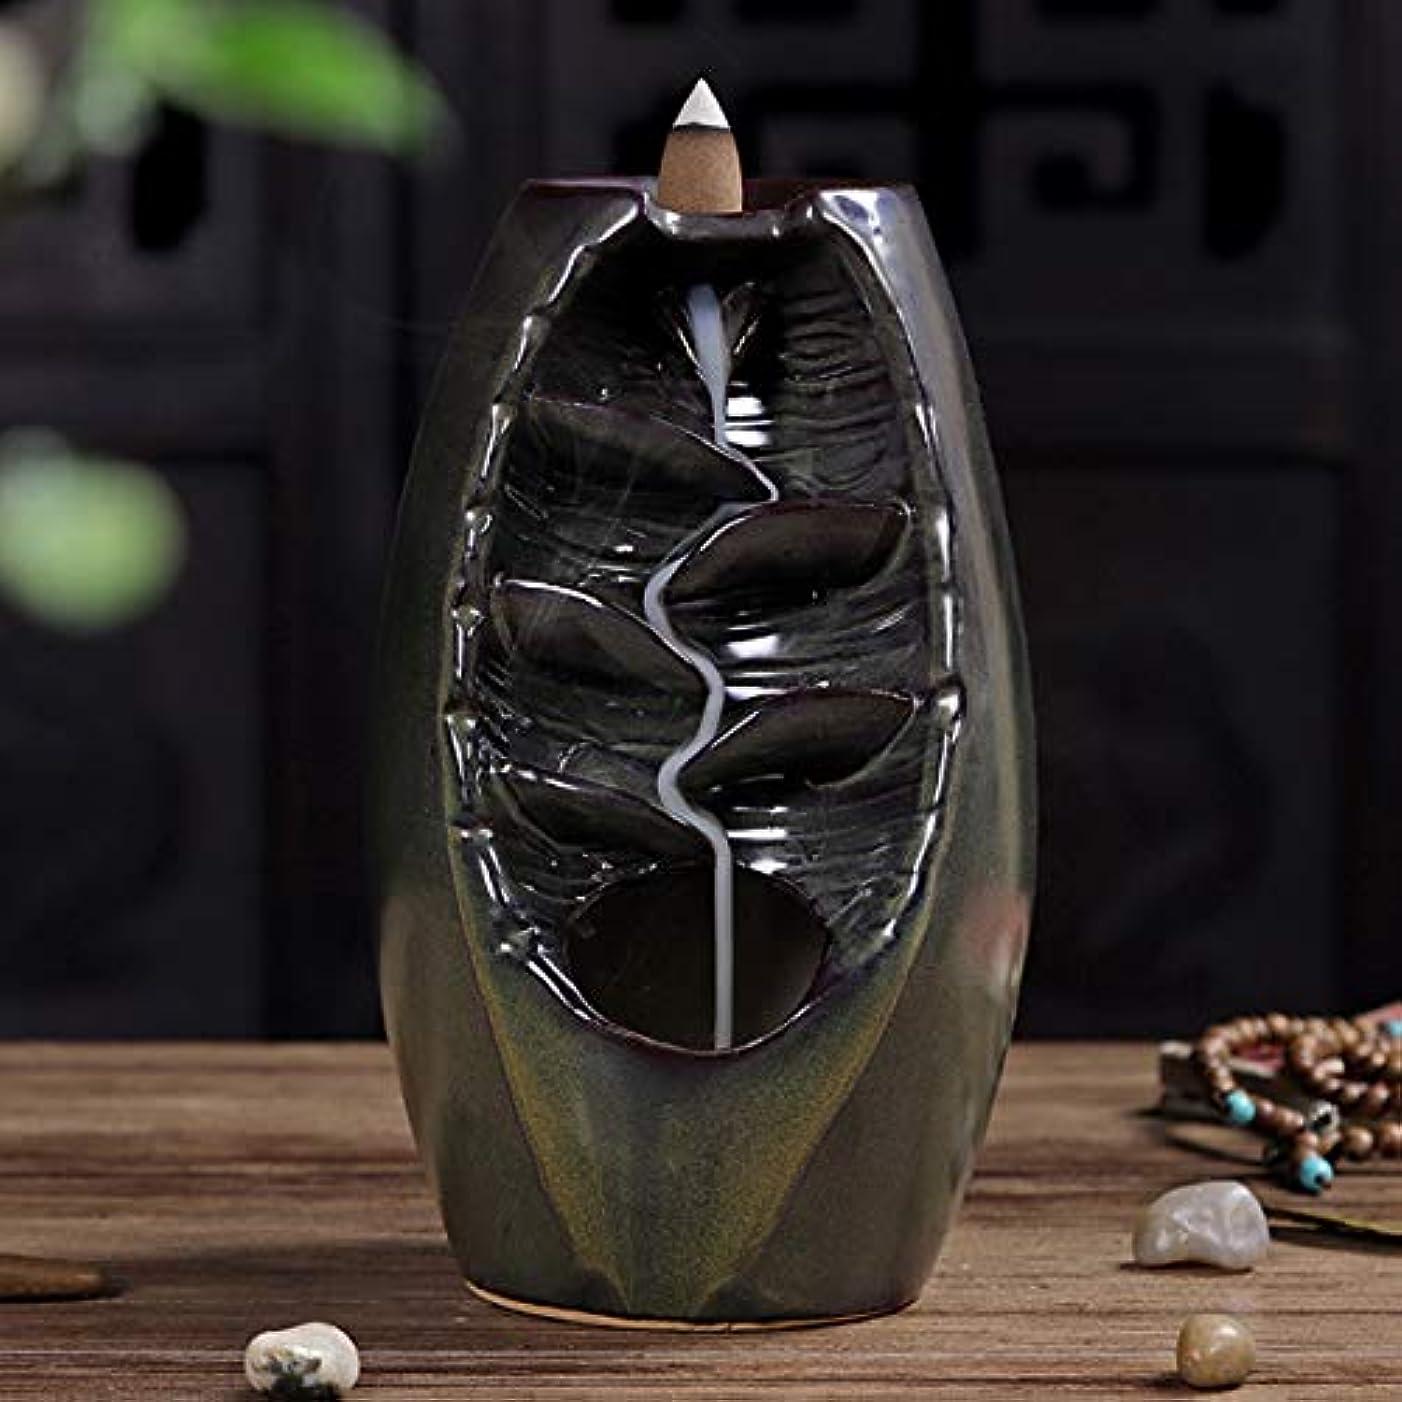 省略説得力のある書道Vosarea 逆流香バーナー滝香ホルダーアロマ飾り仏教用品(茶)